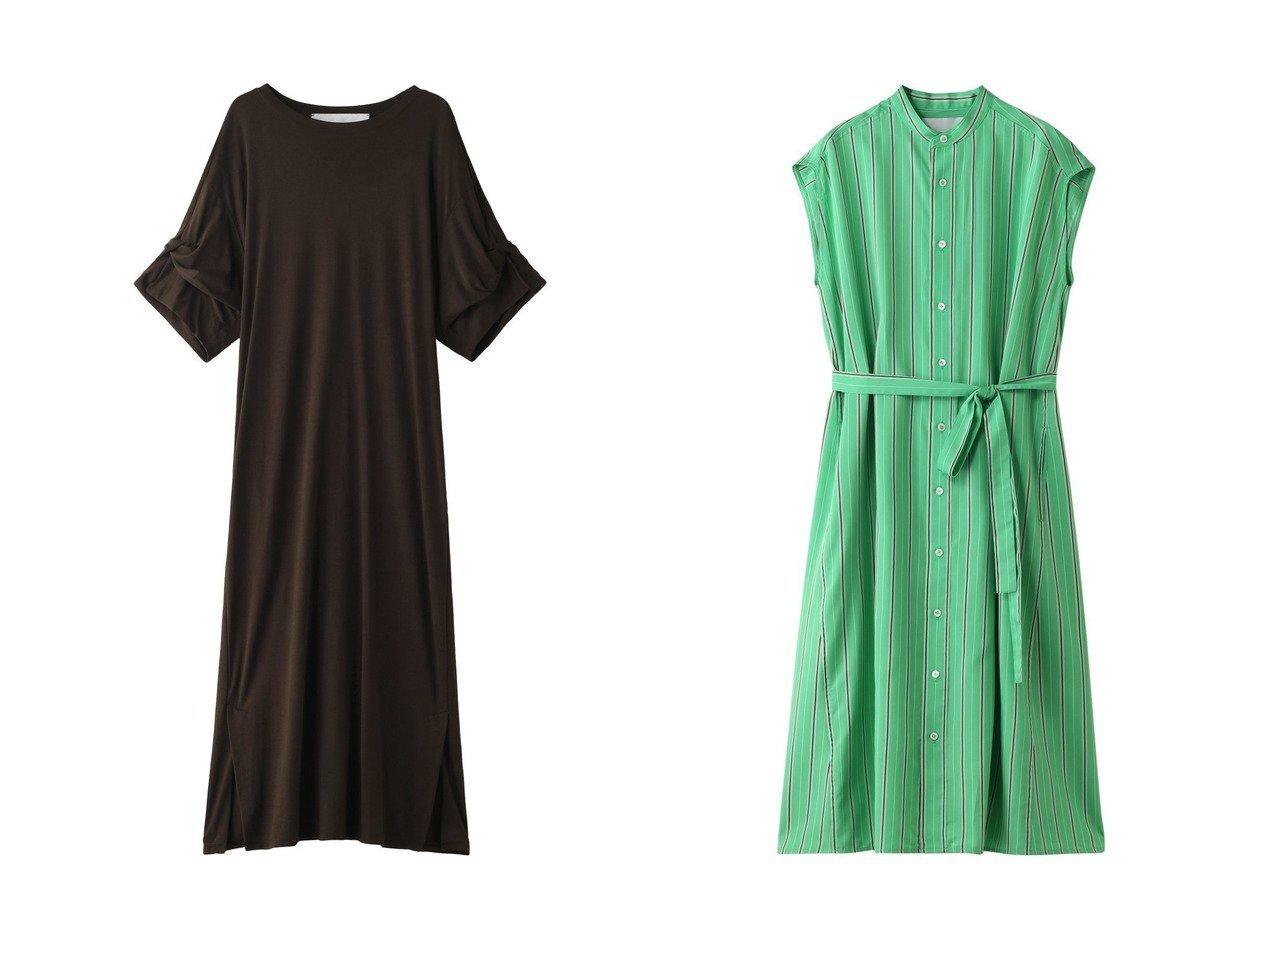 【TICCA/ティッカ】のツイストスリーブワンピース&ノーカラーフレンチストライプワンピース ワンピース・ドレスのおすすめ!人気、トレンド・レディースファッションの通販 おすすめで人気の流行・トレンド、ファッションの通販商品 メンズファッション・キッズファッション・インテリア・家具・レディースファッション・服の通販 founy(ファニー) https://founy.com/ ファッション Fashion レディースファッション WOMEN ワンピース Dress 2021年 2021 2021 春夏 S/S SS Spring/Summer 2021 S/S 春夏 SS Spring/Summer シンプル スリーブ ツイスト ベーシック ロング 春 Spring |ID:crp329100000015040